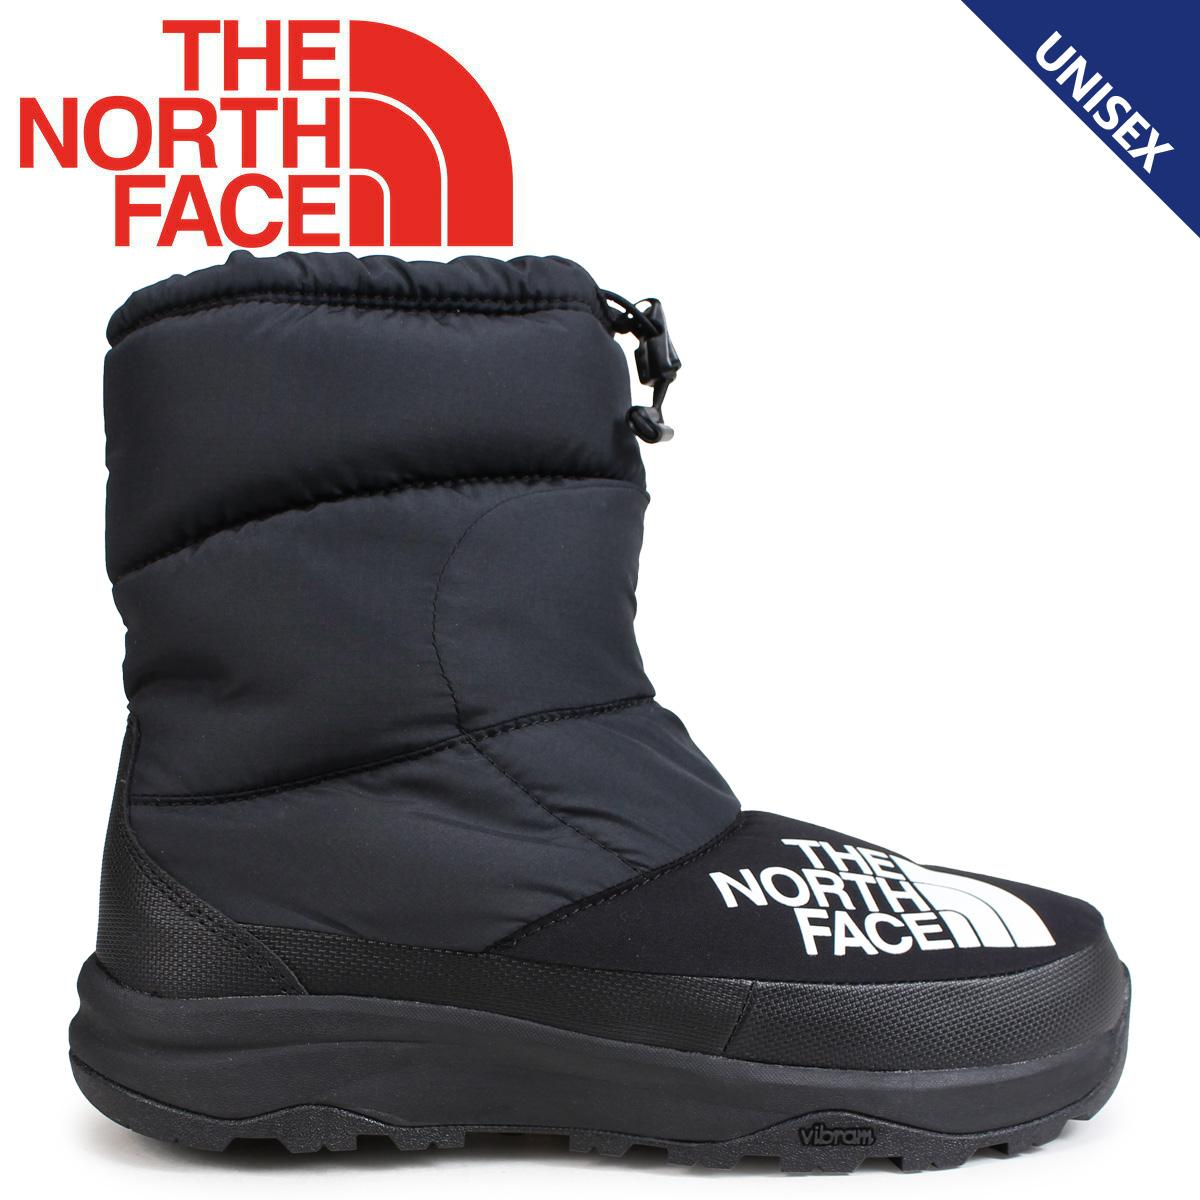 ノースフェイス THE NORTH FACE ヌプシブーティ ブーツ メンズ レディース NUPTSE DOWN BOOTIE ブラック NF51877